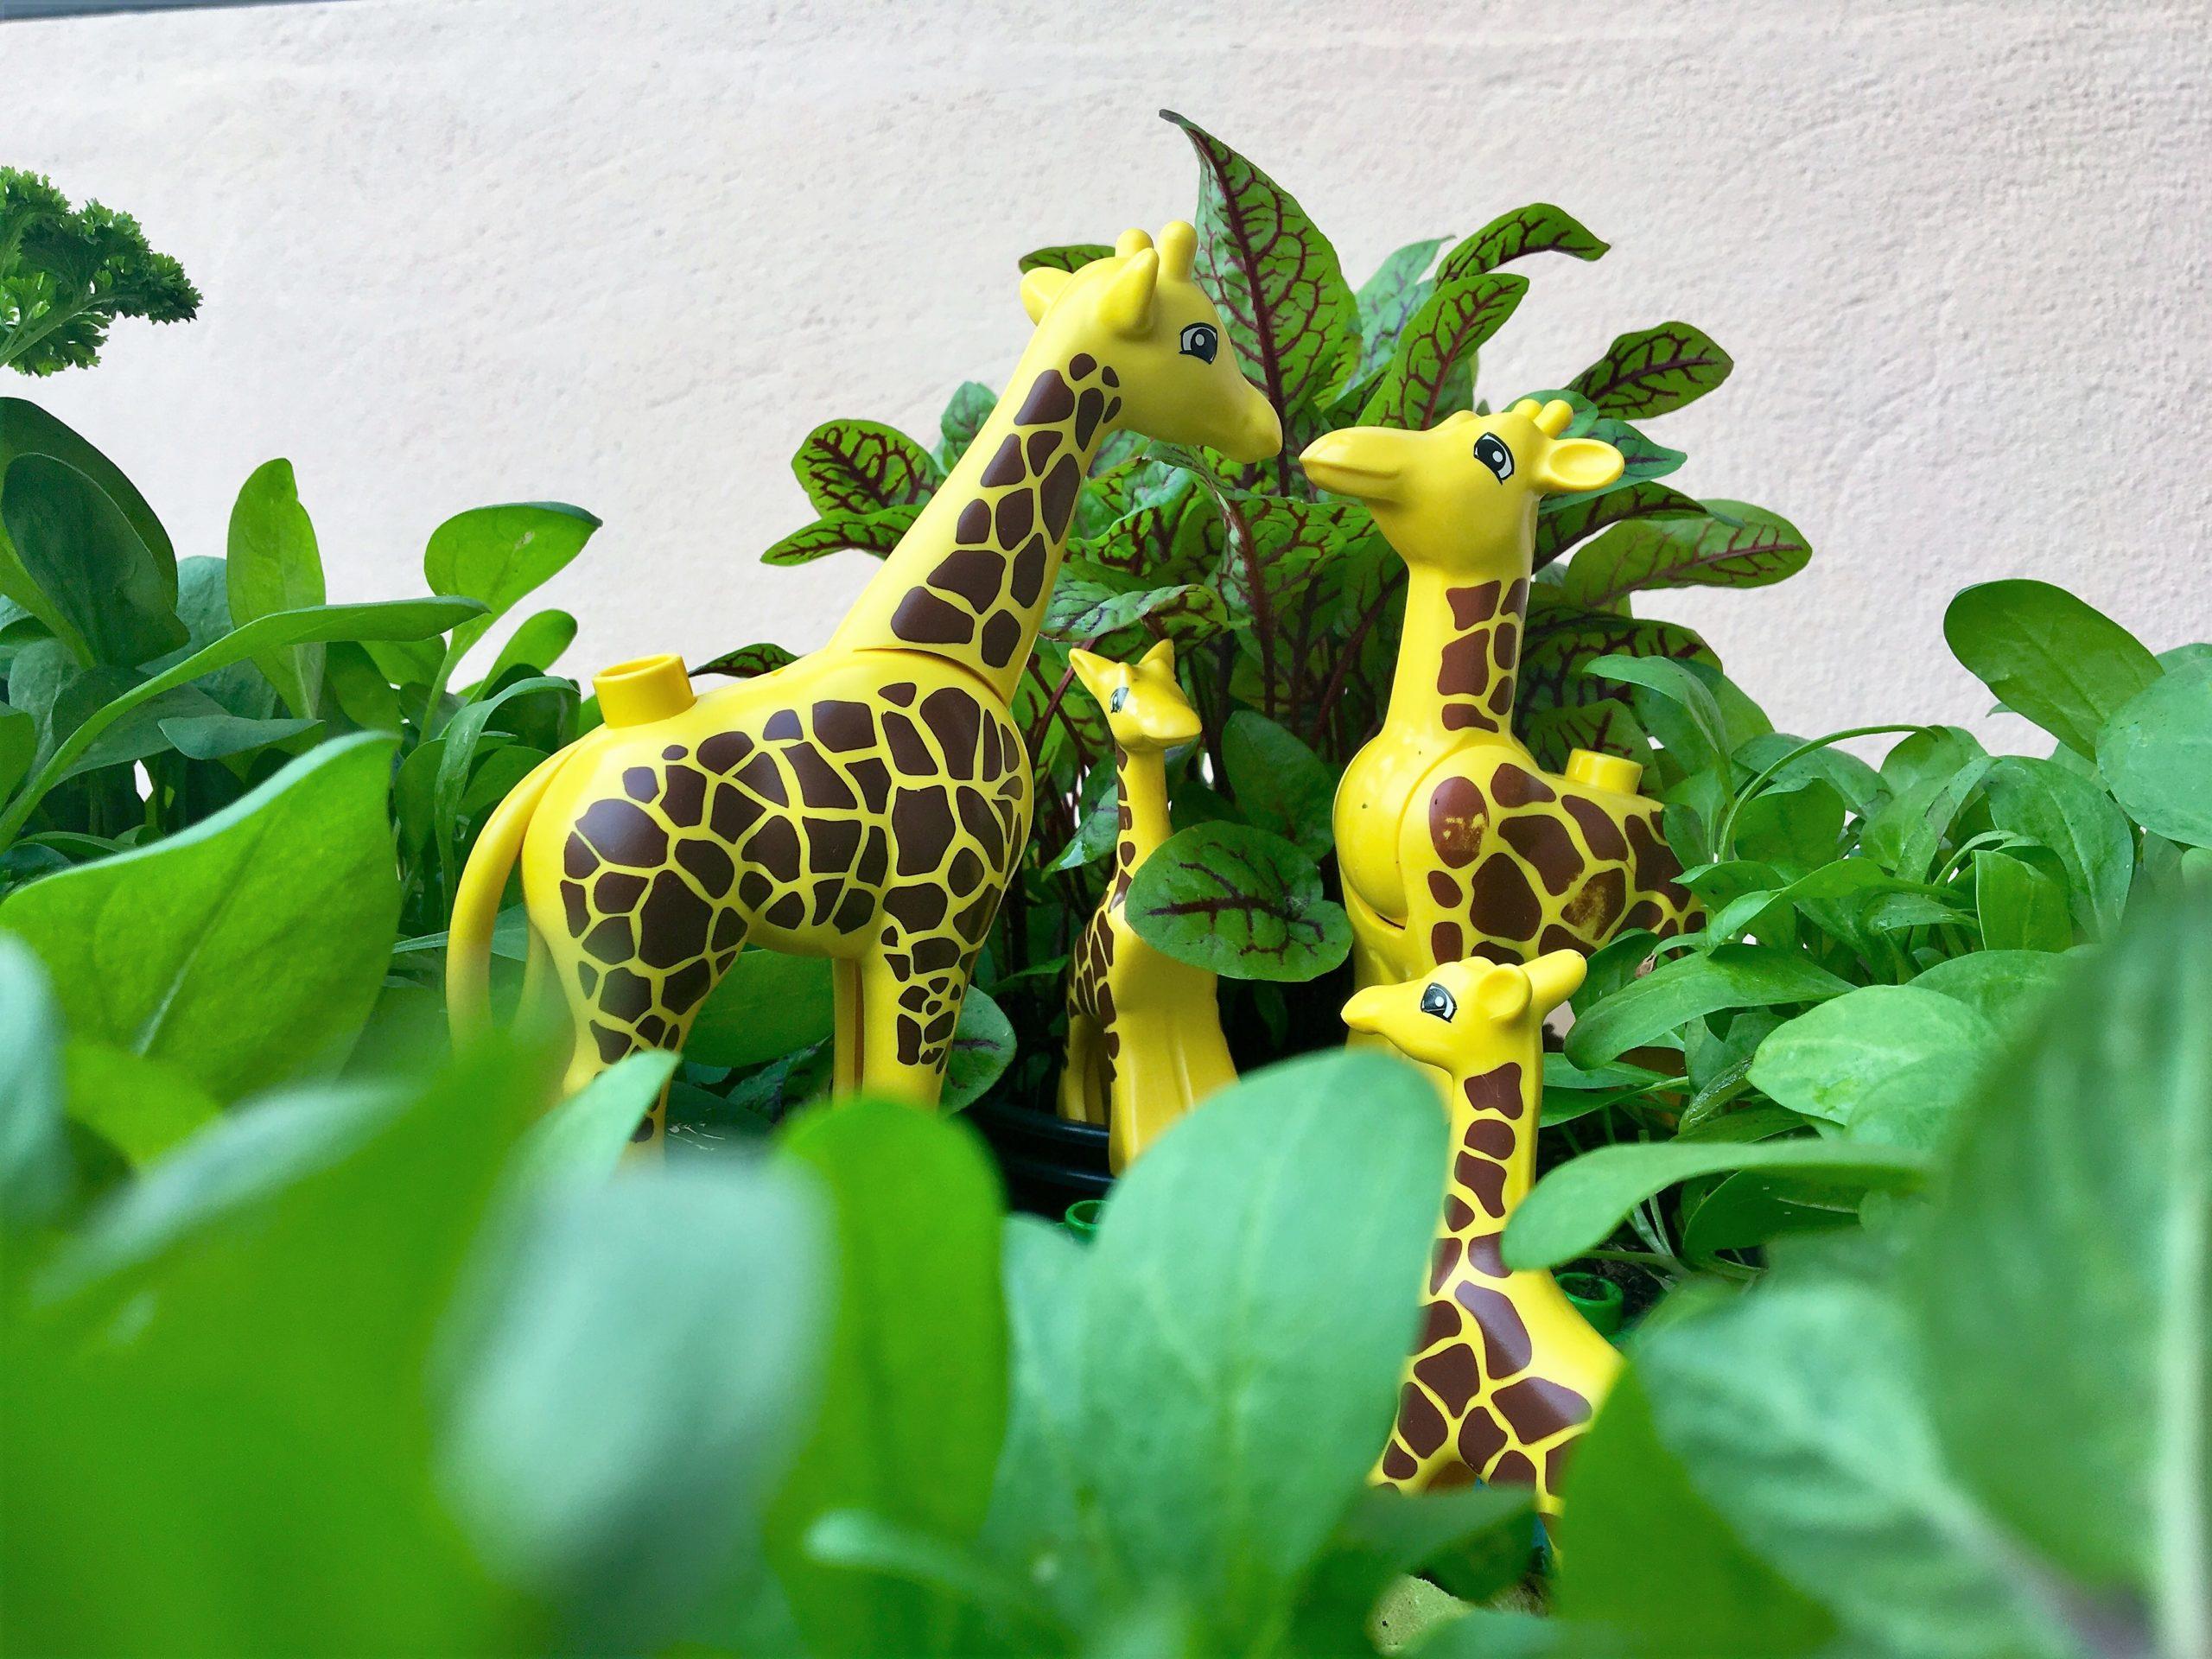 """Spielzeugtiere, Spinat und andere Pflanzen in der """"Wupf""""-Wurm-Pflanzenkiste des Sprachspinat-Gartens - für Sprachspiele zu """"groß und klein"""" und """"links und rechts"""""""